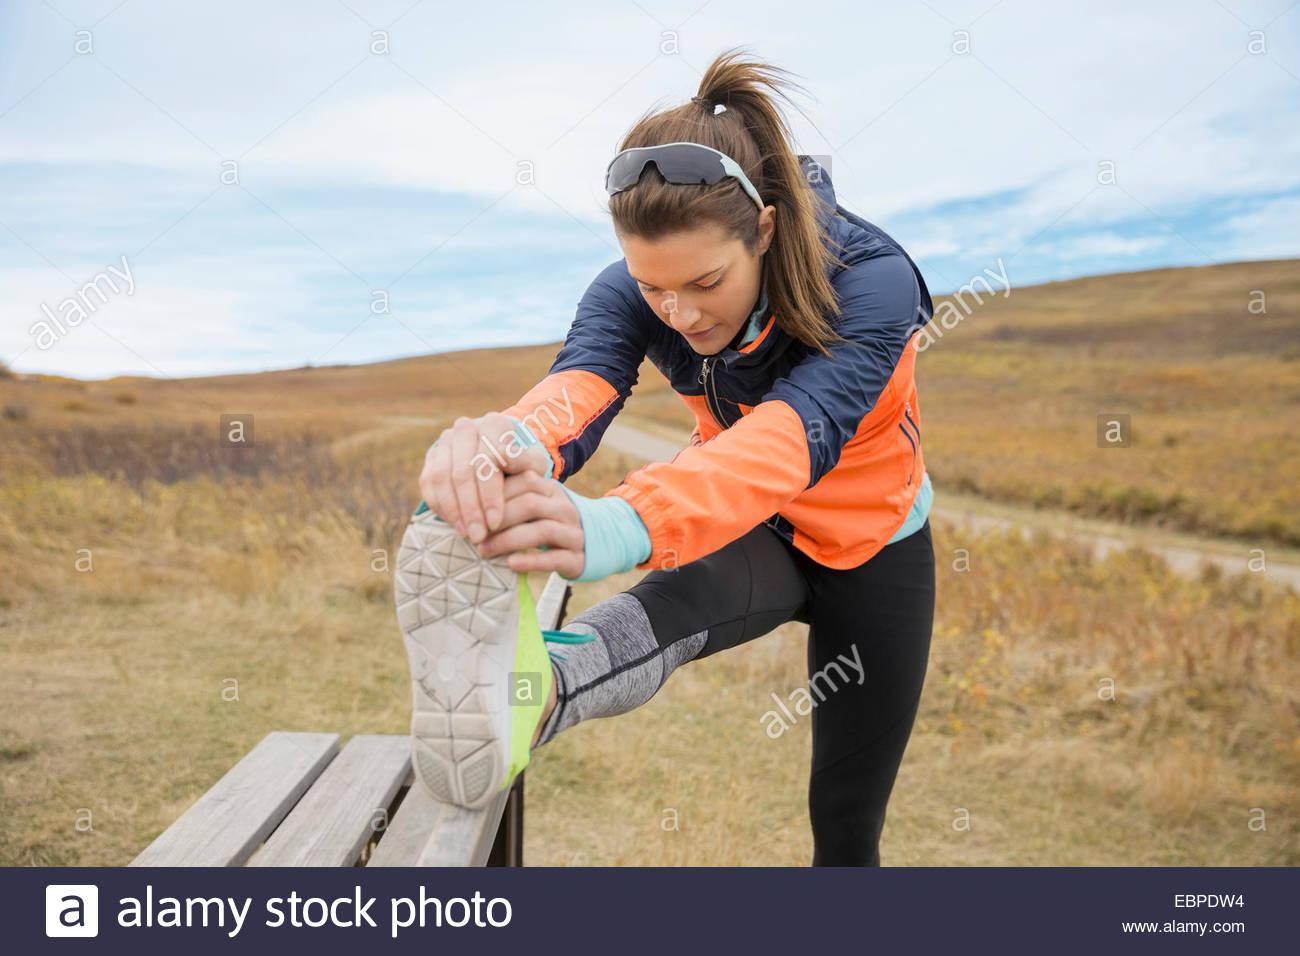 Läufer, die Dehnung Bein auf ländliche Bank Stockbild